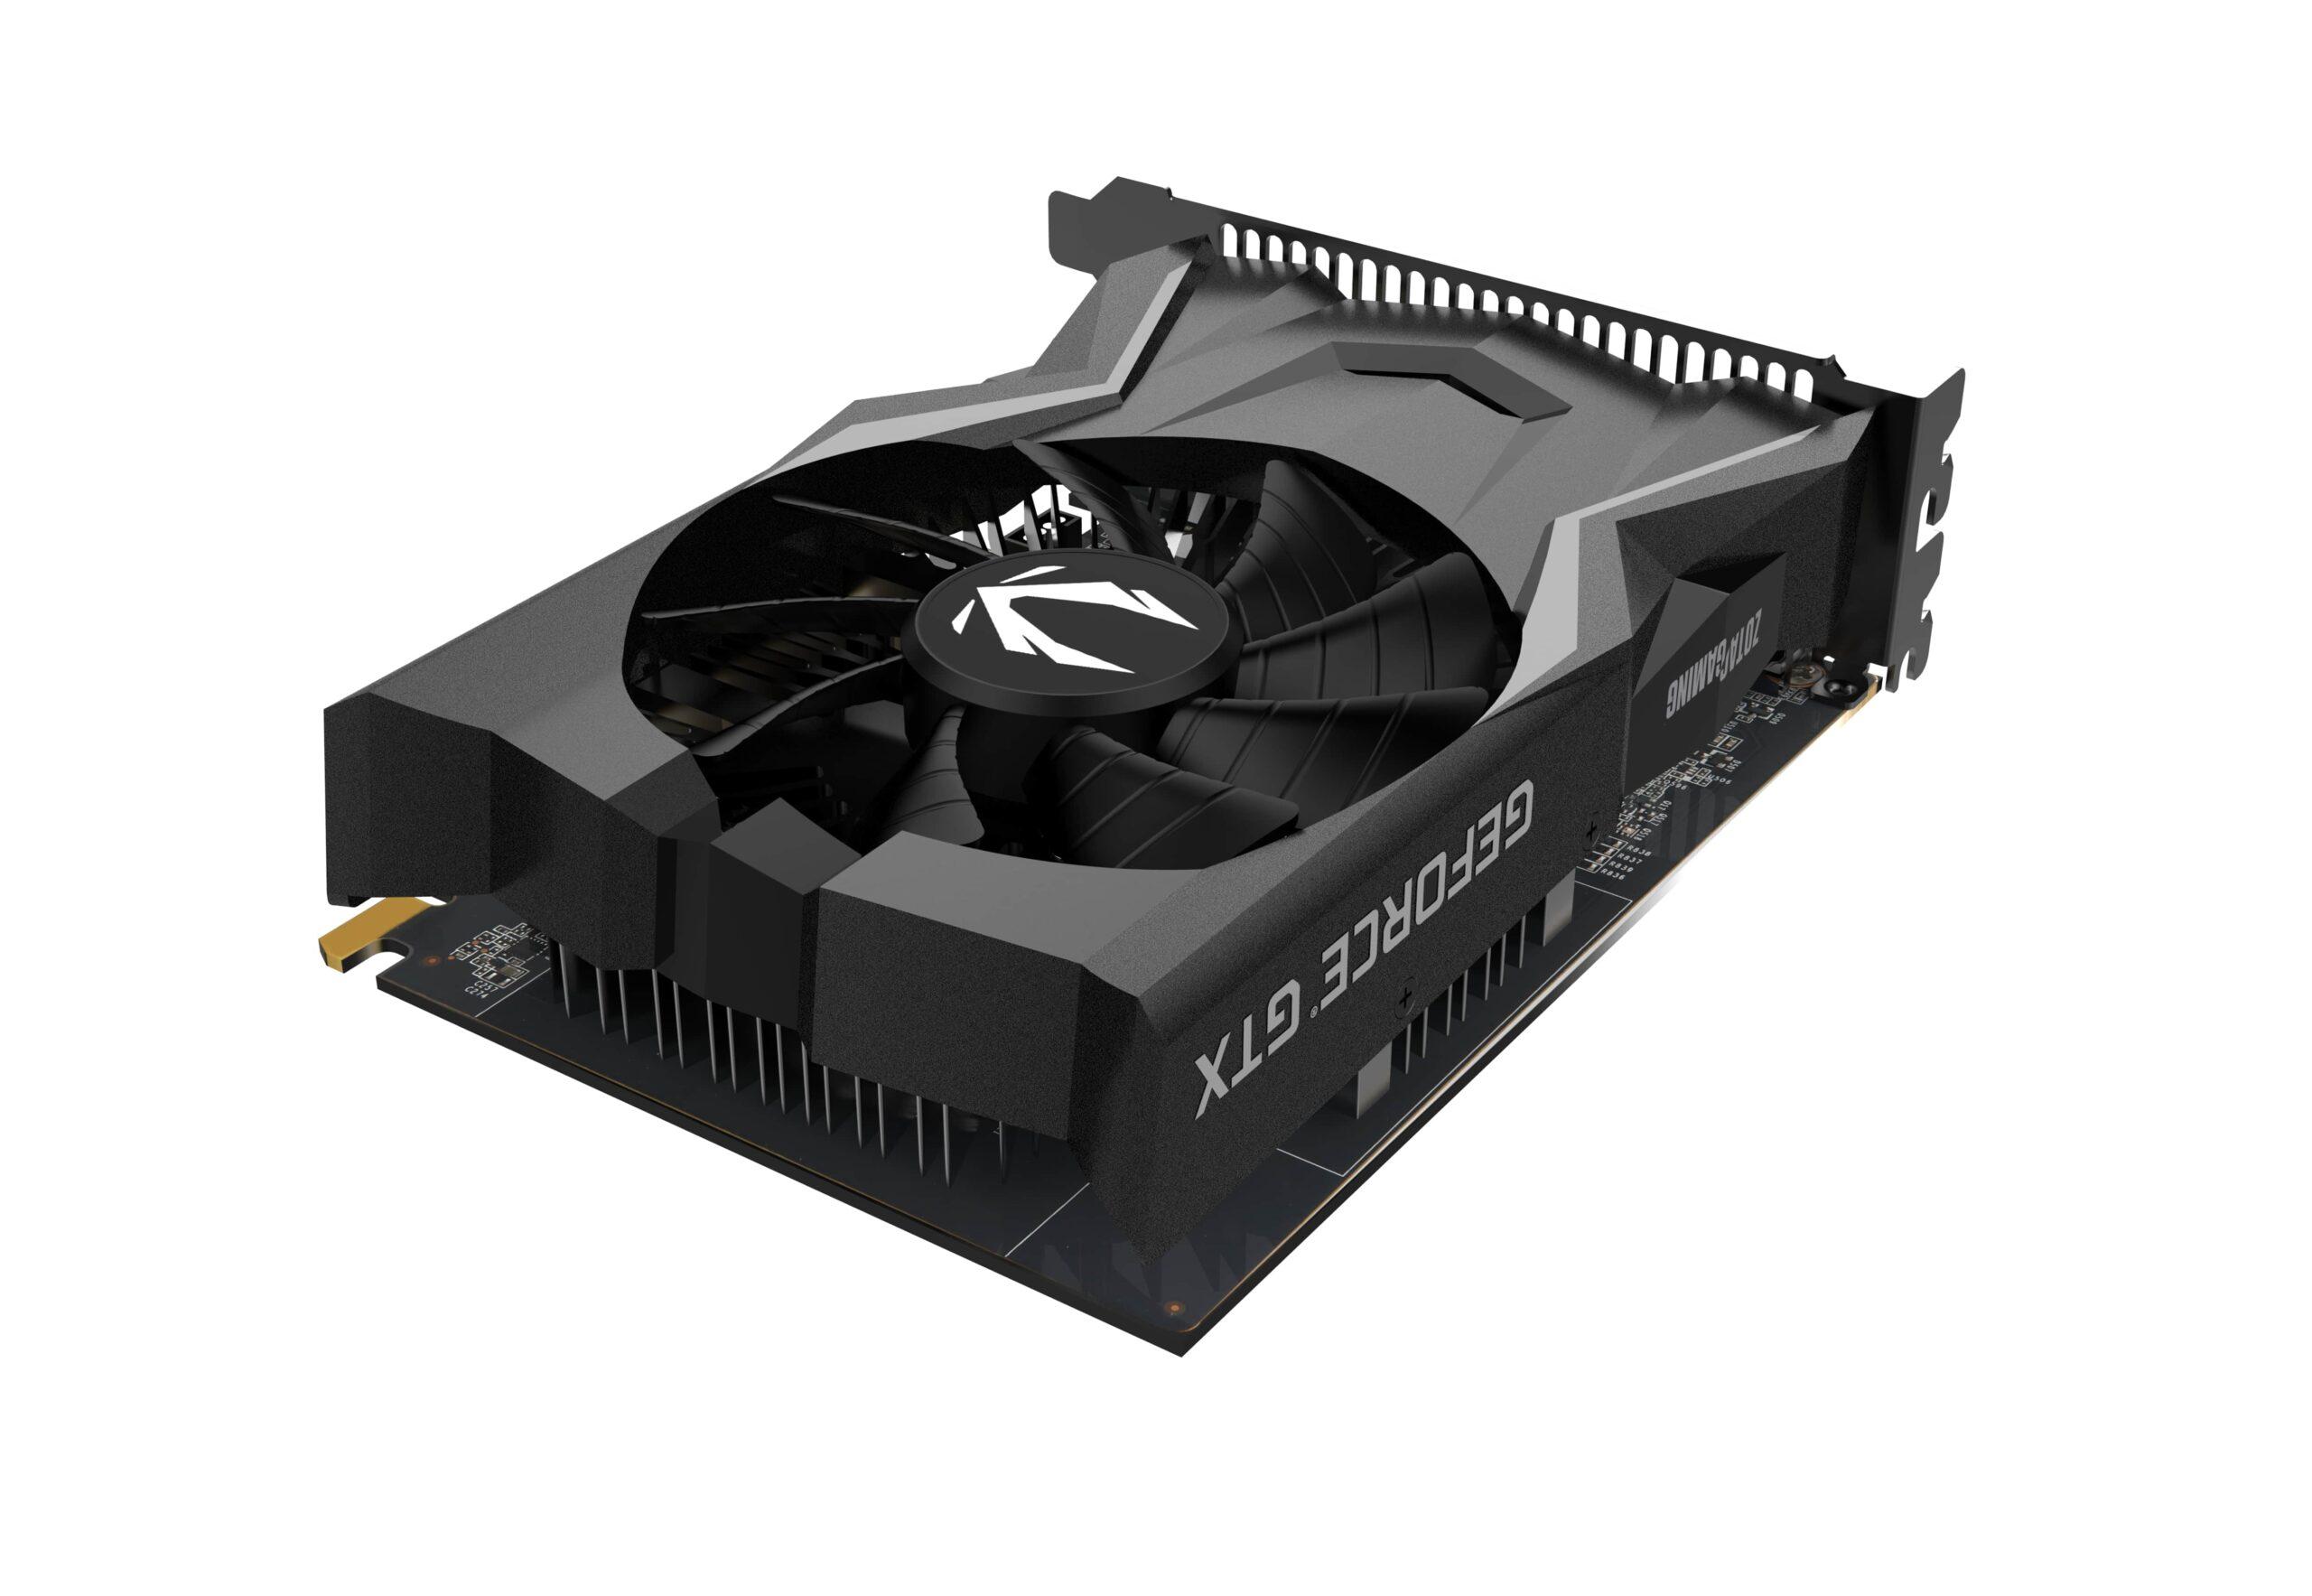 ZT T16500F 10L 3Dimage 06